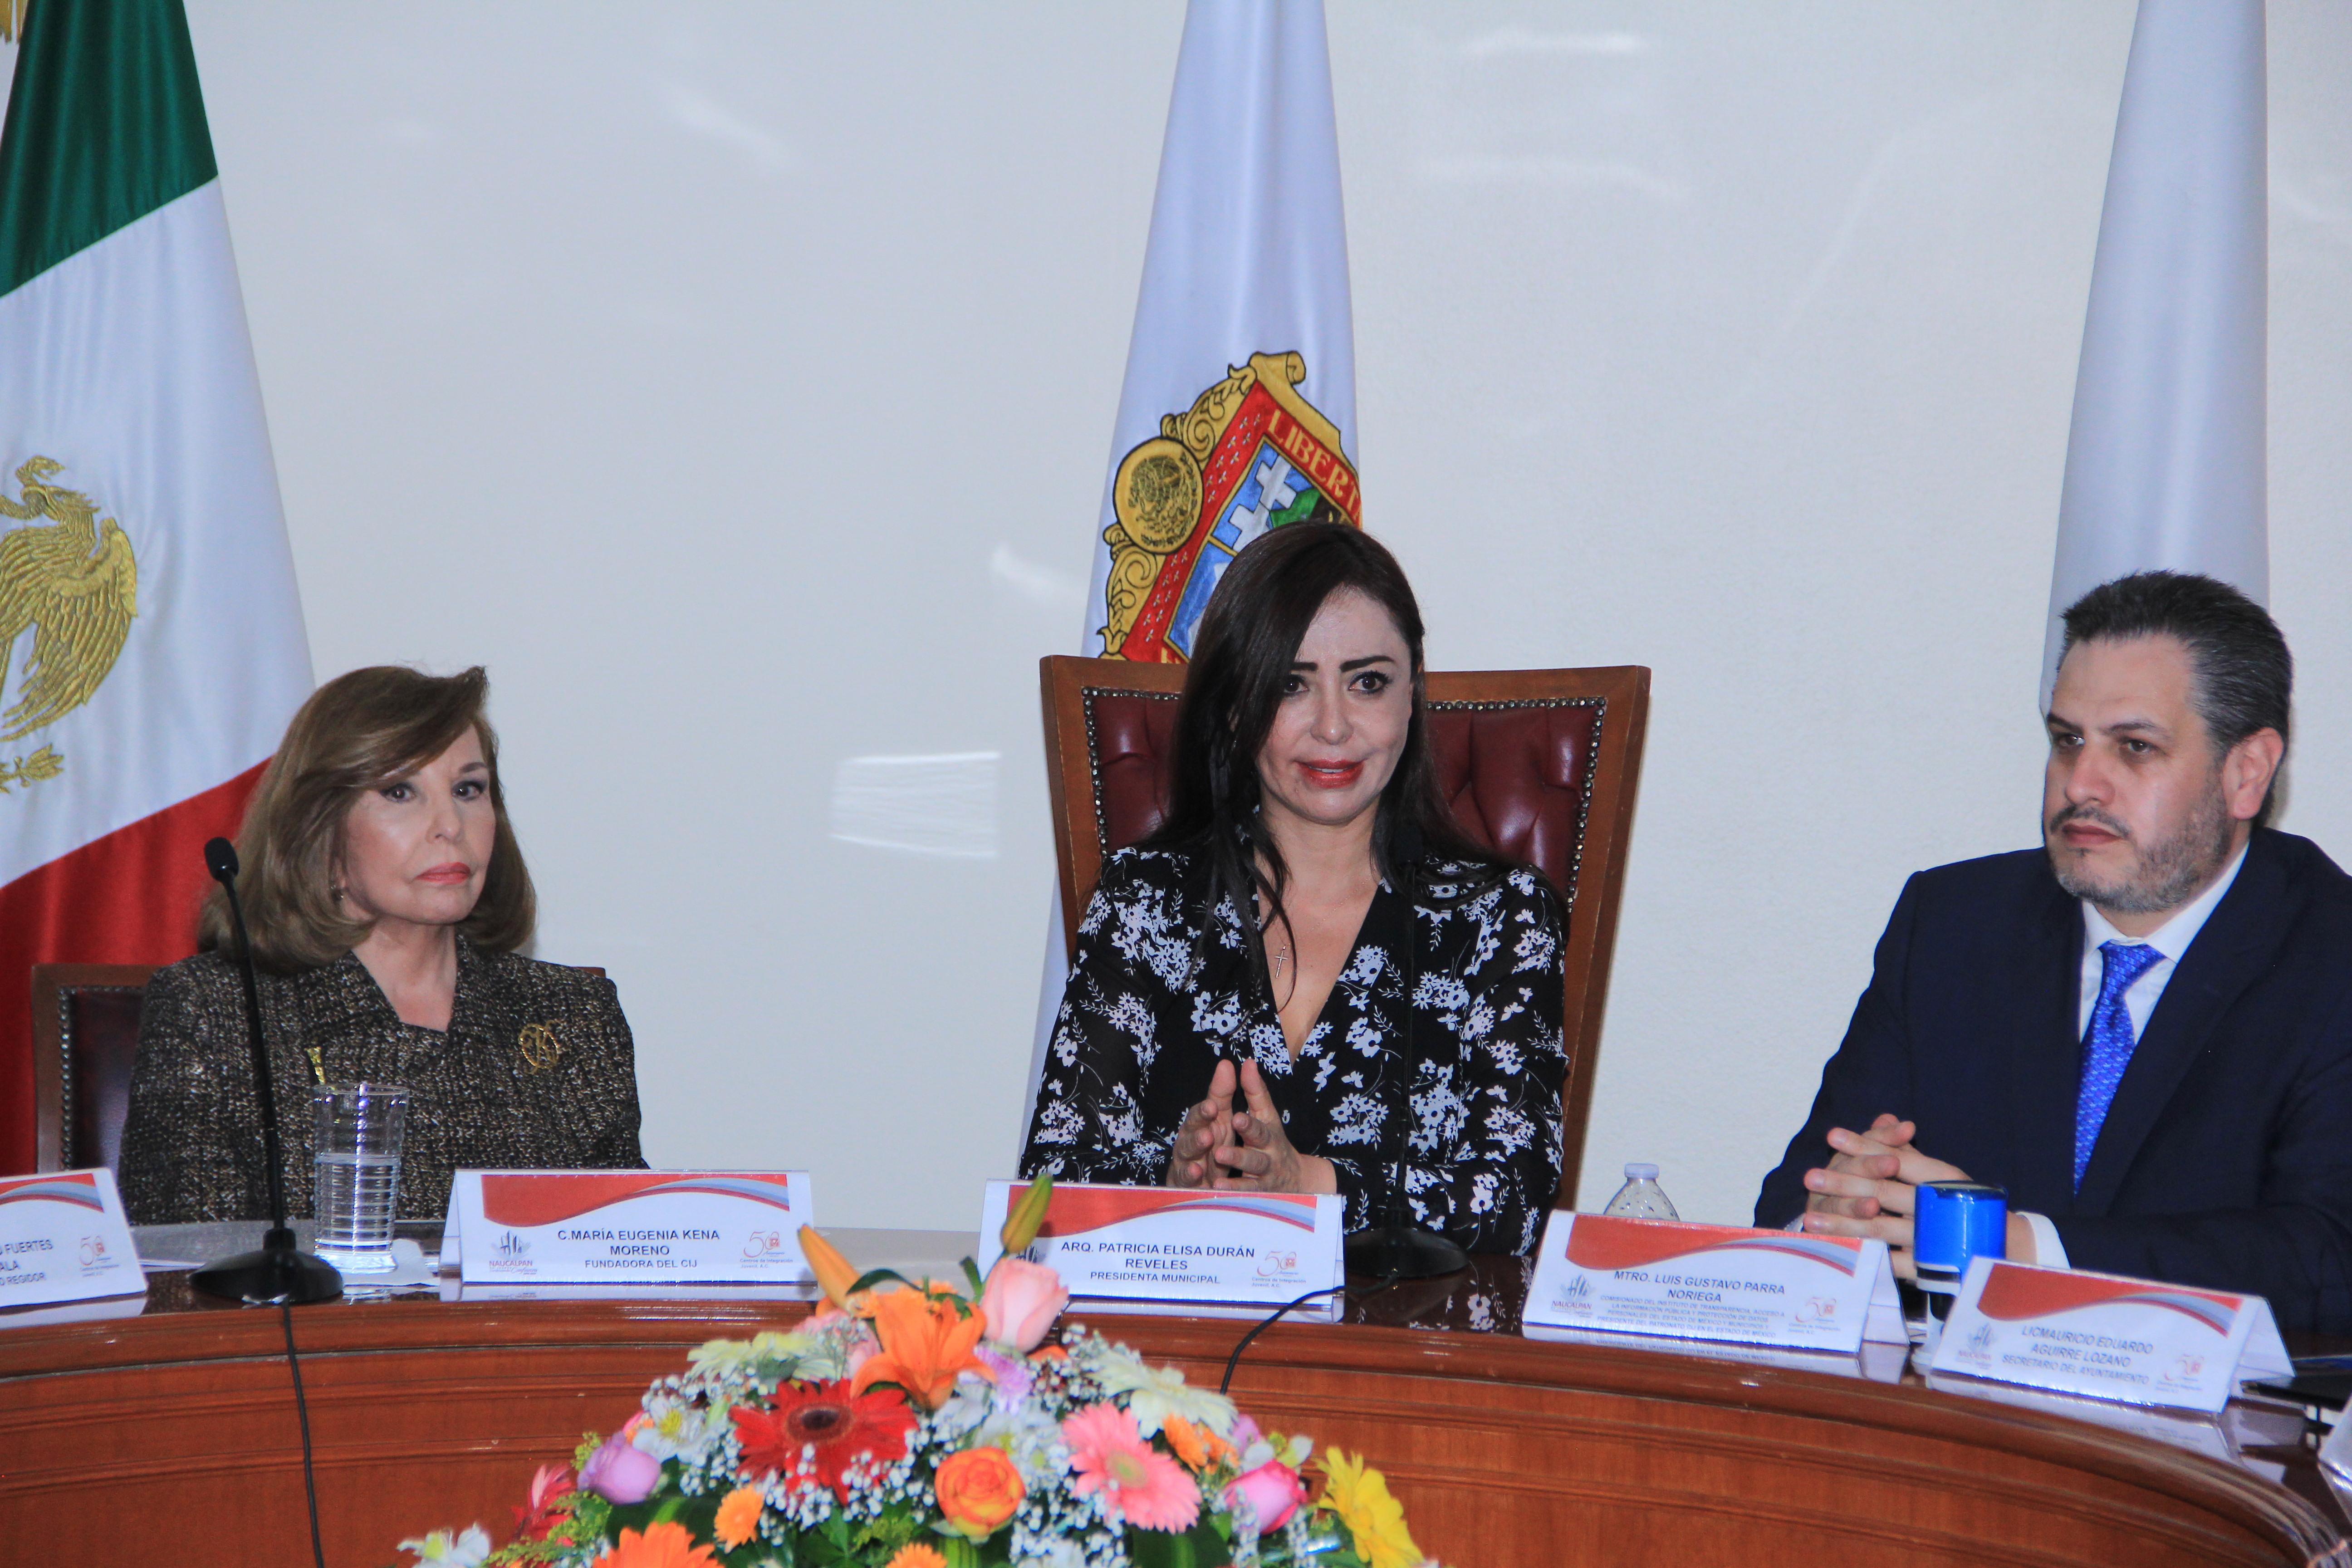 El Ayuntamiento de Naucalpan y CIJ firmaron un convenio de colaboración